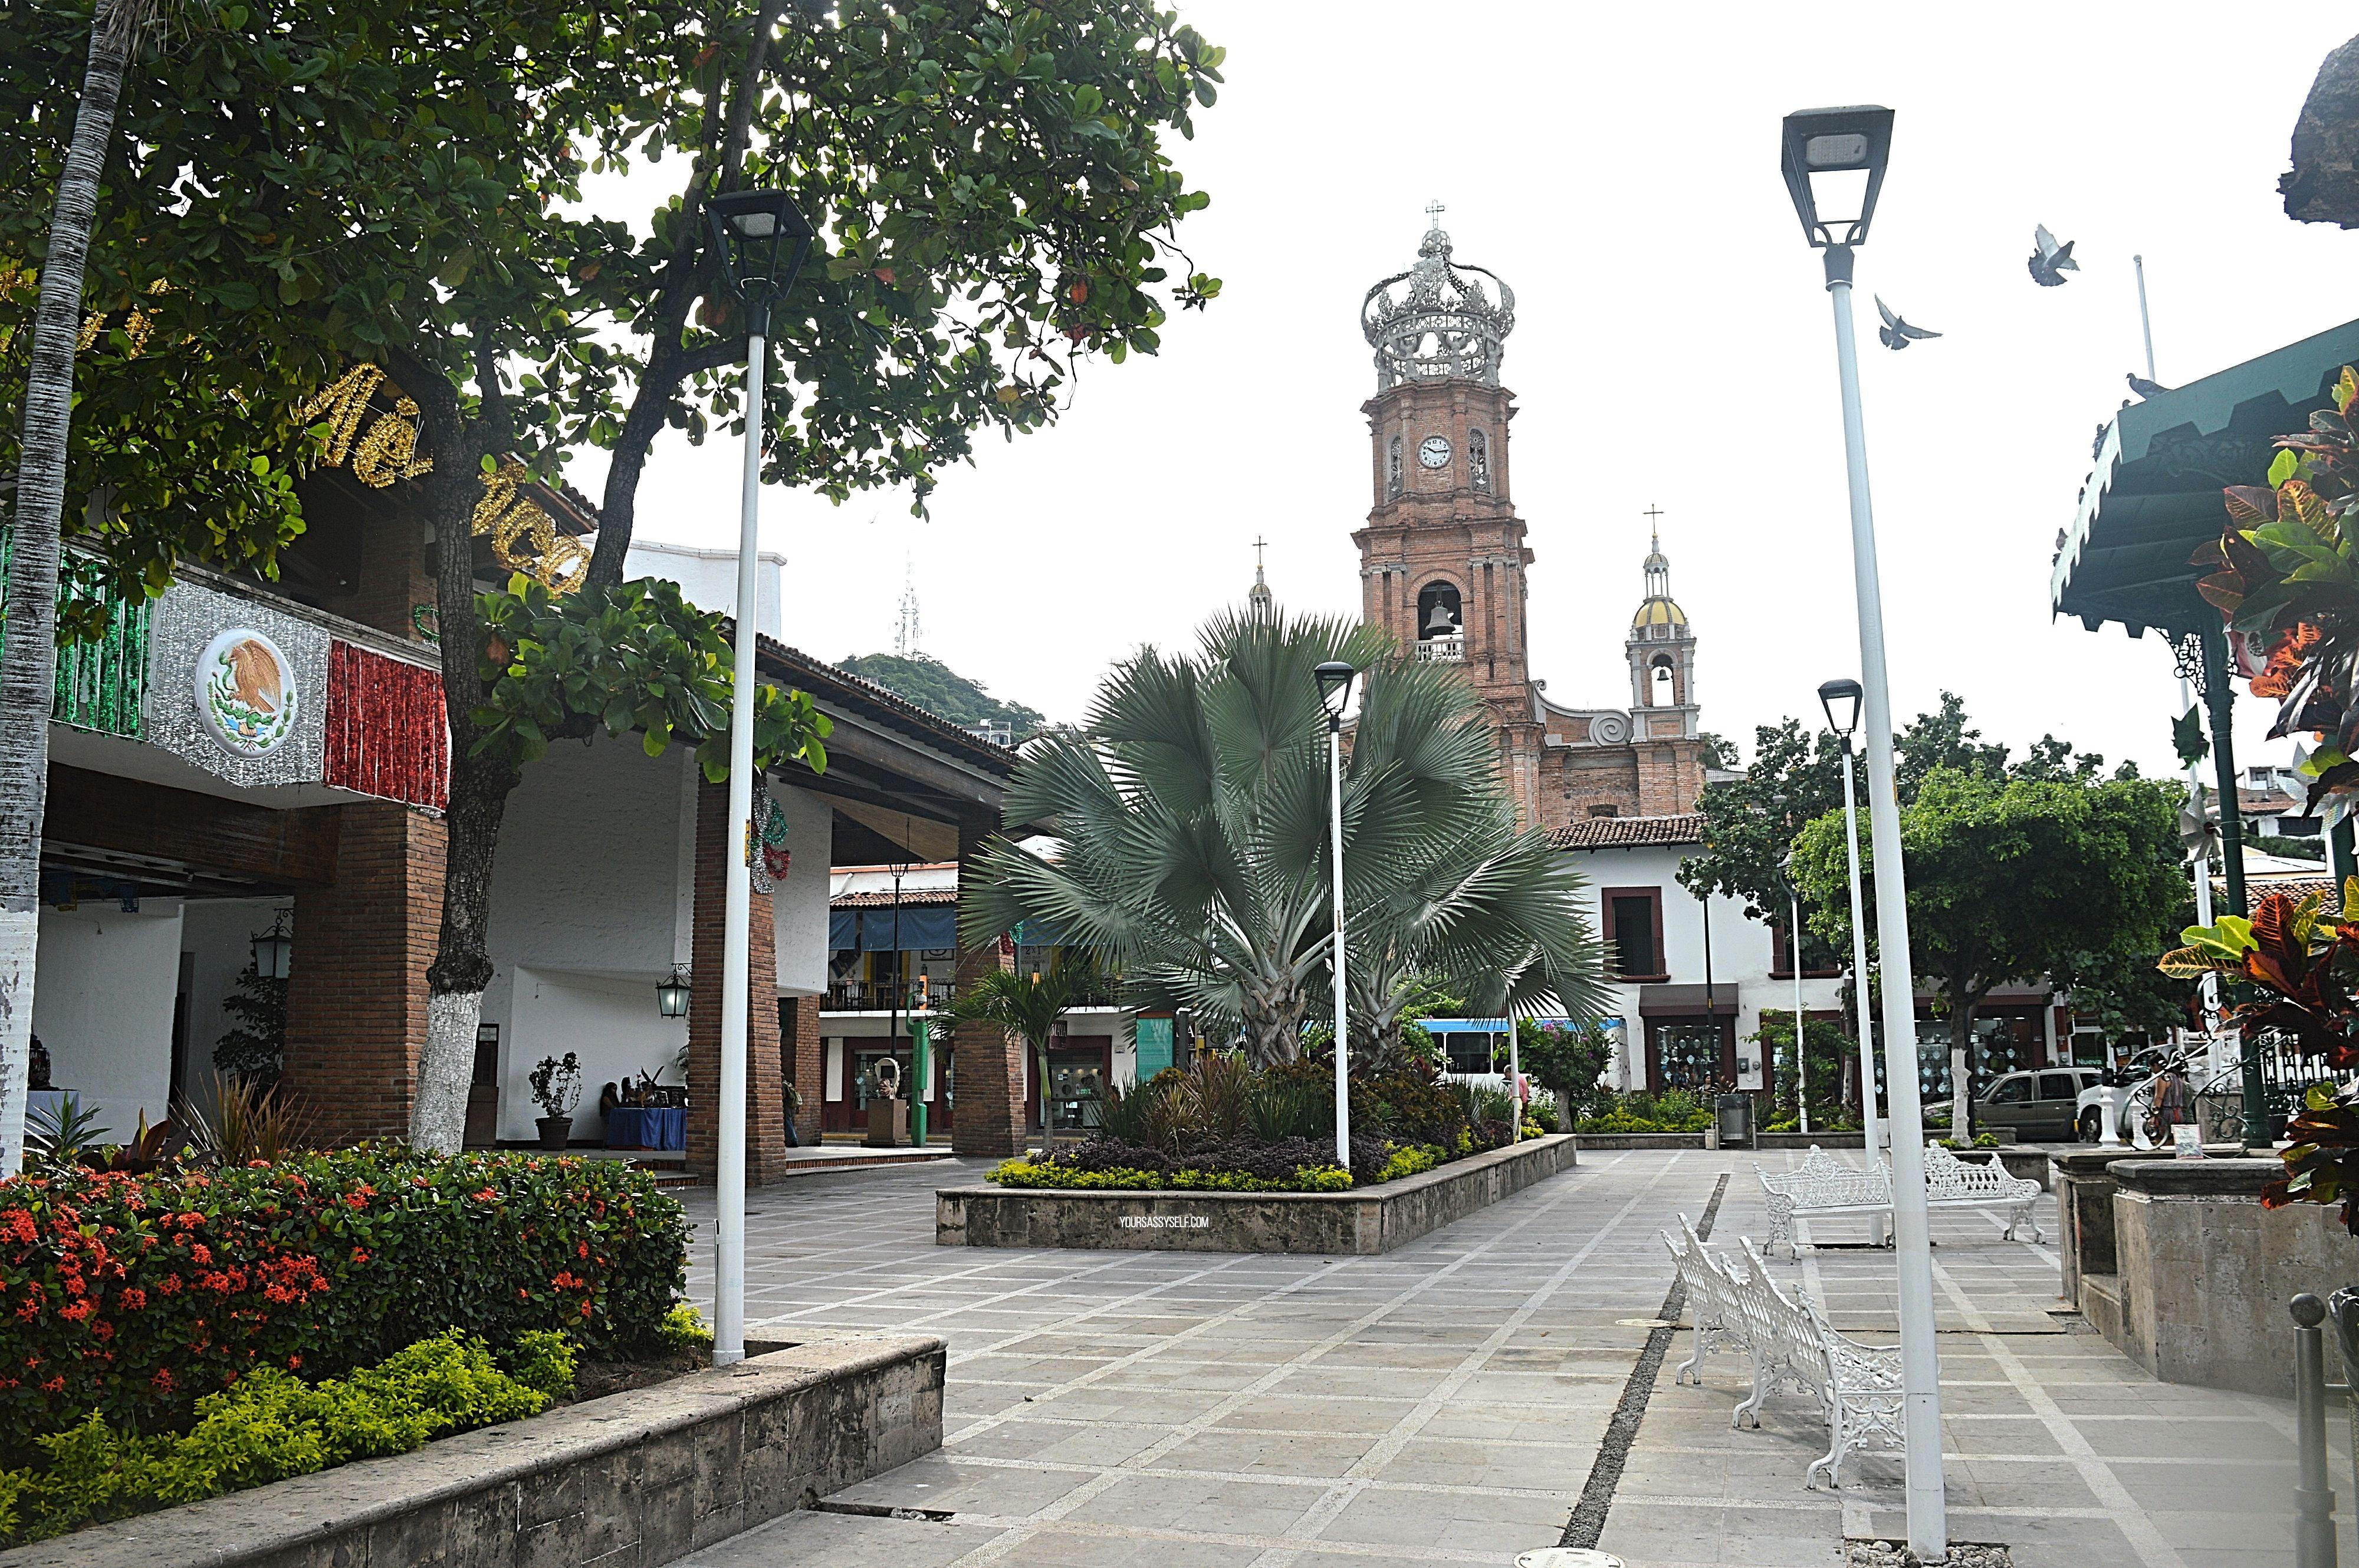 View of Parroquia de Nuestra Señora de Guadalupe from la Plaza de Armas - yoursassyself.com